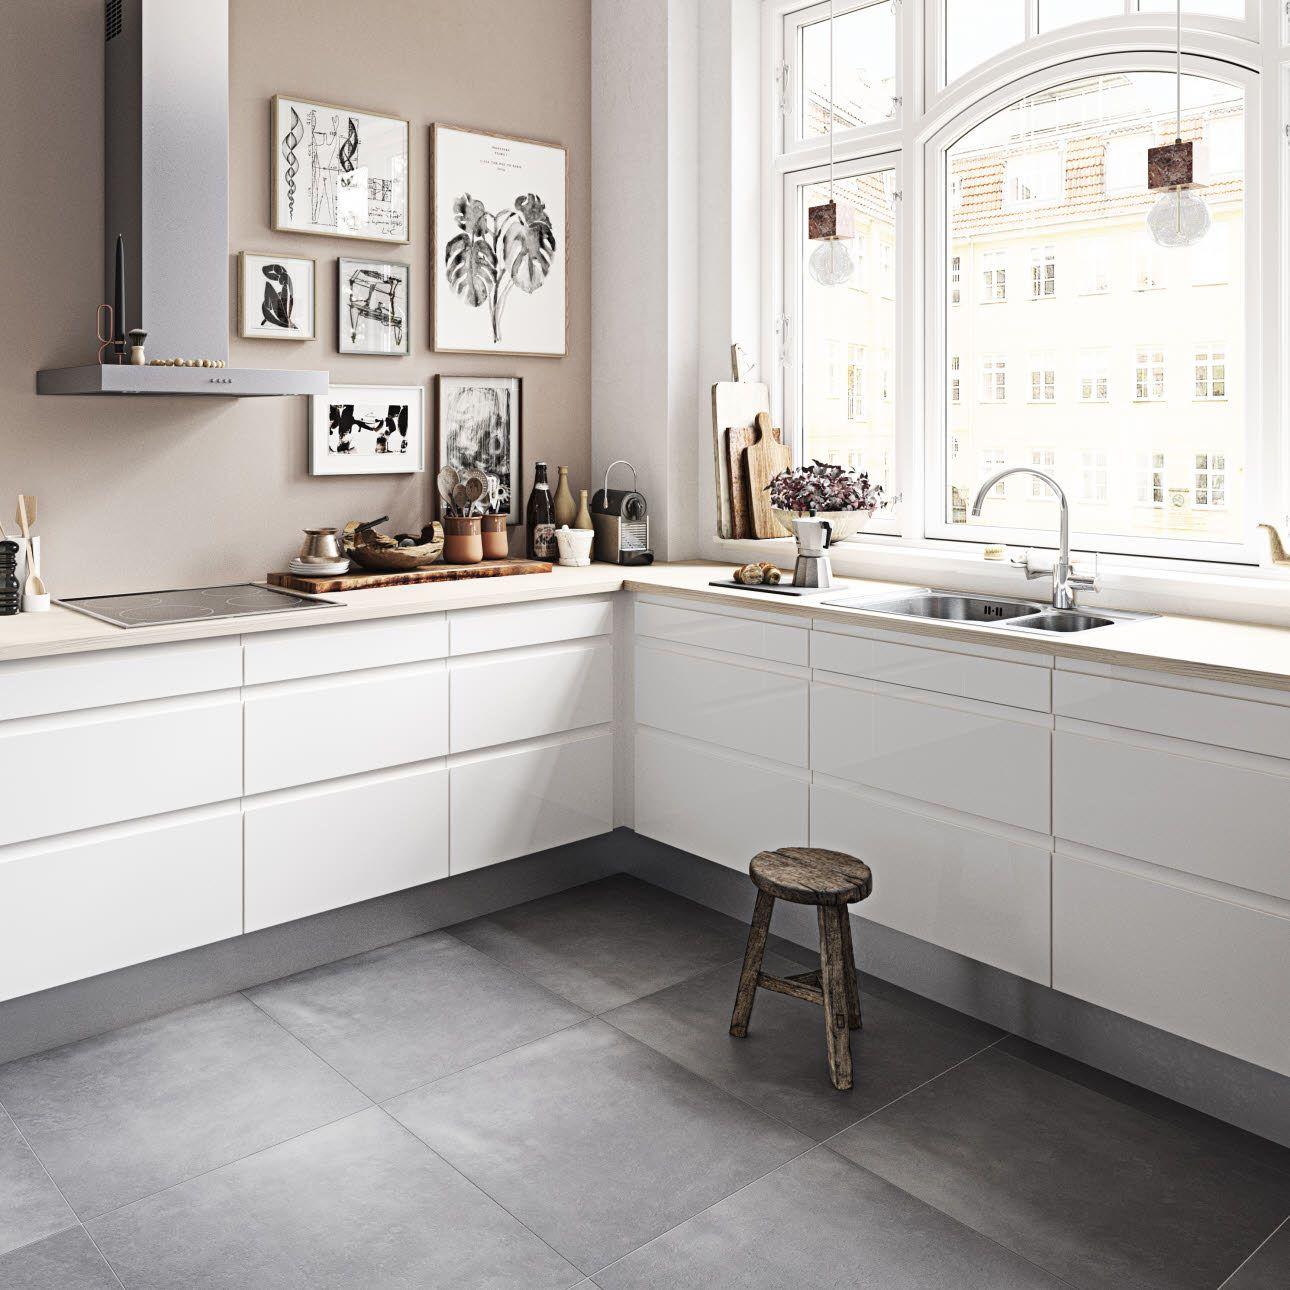 Next Hvid  HTH  Grått kjøkken, Kjøkkendesign, Kjøkken inspirasjon